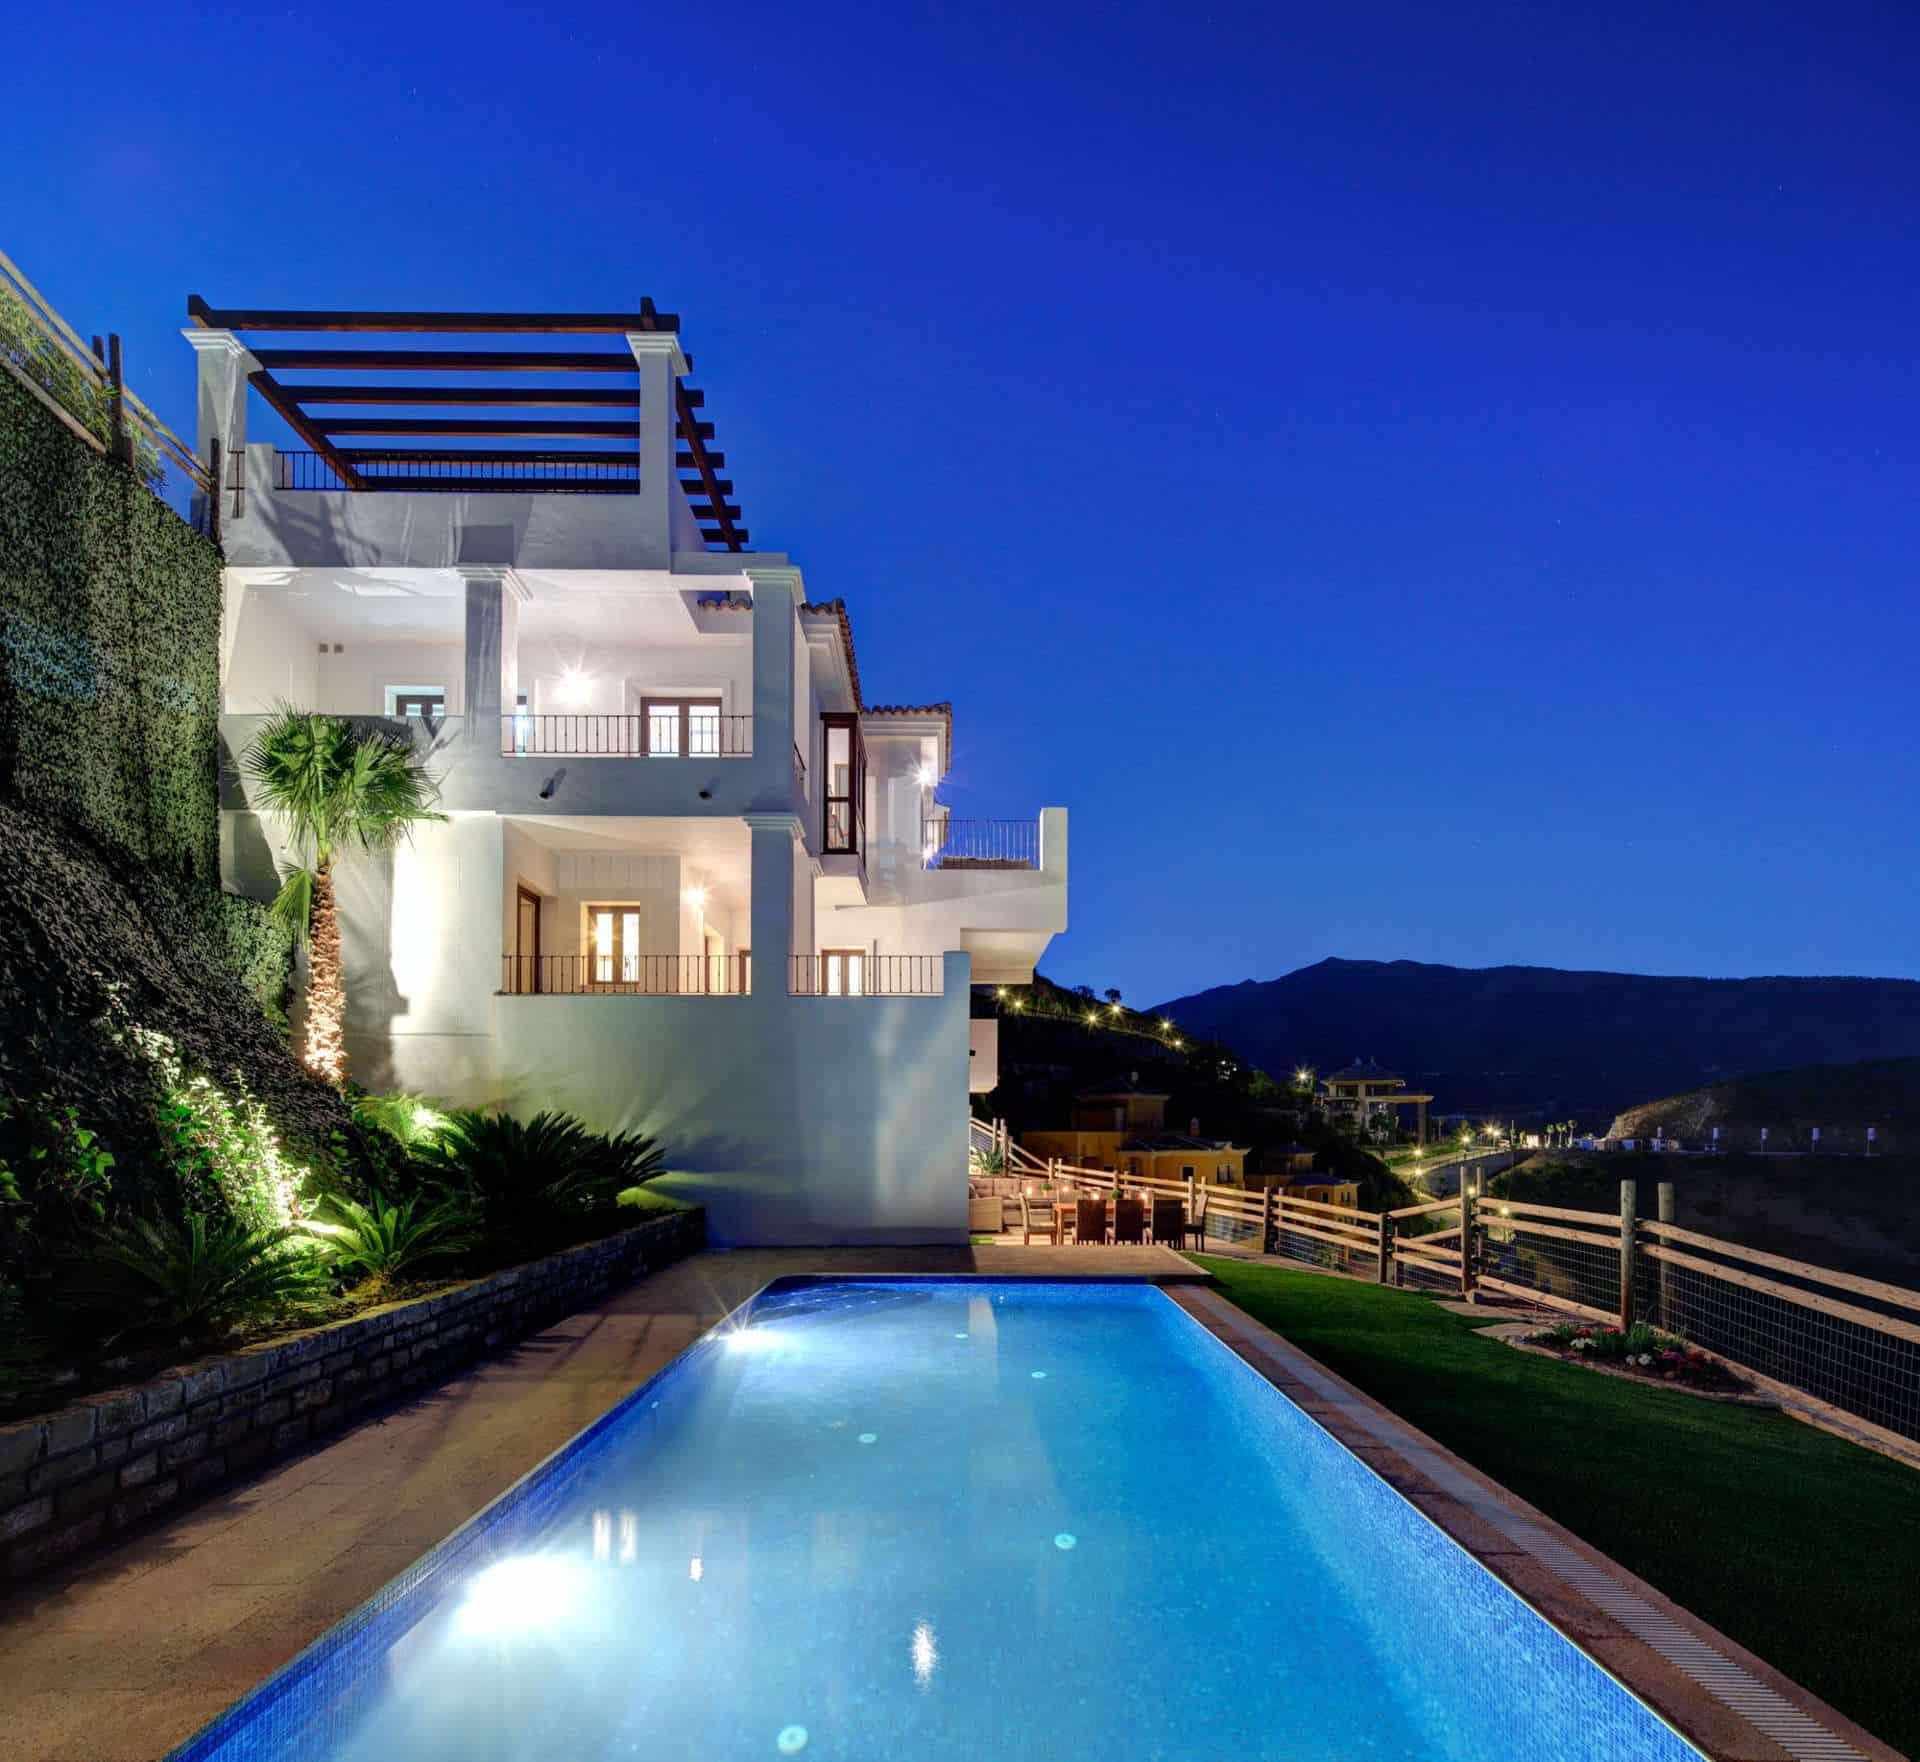 Benahavis hills country club villas in an exclusive - Marbella club villas ...